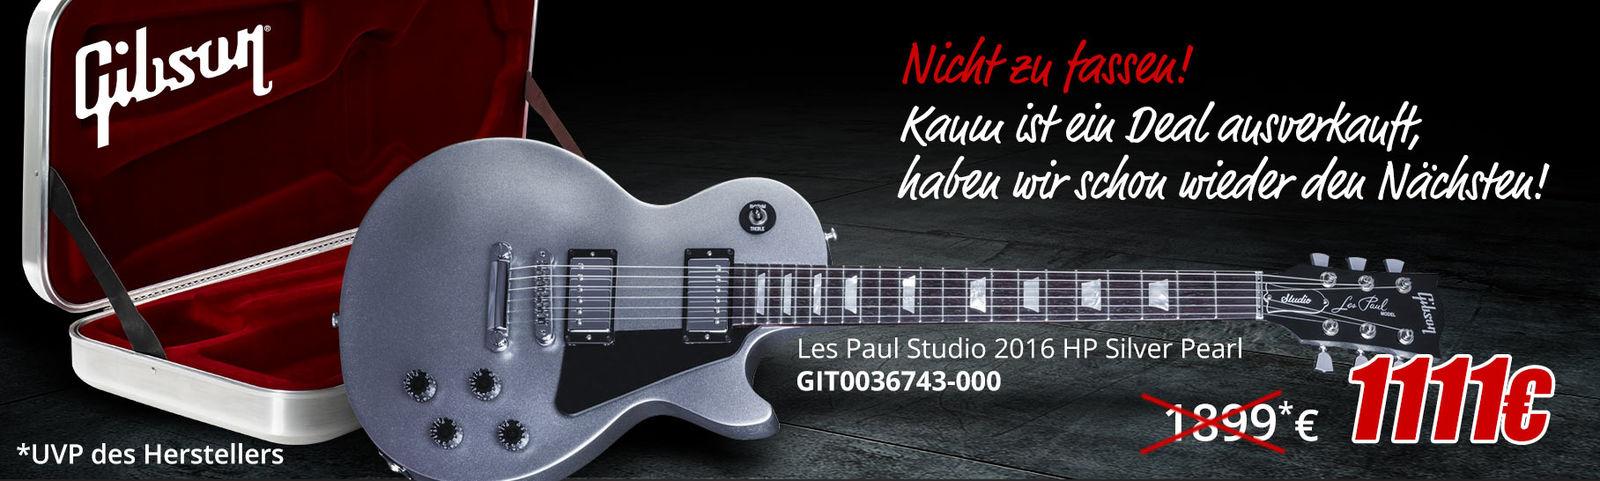 Gibson Deal